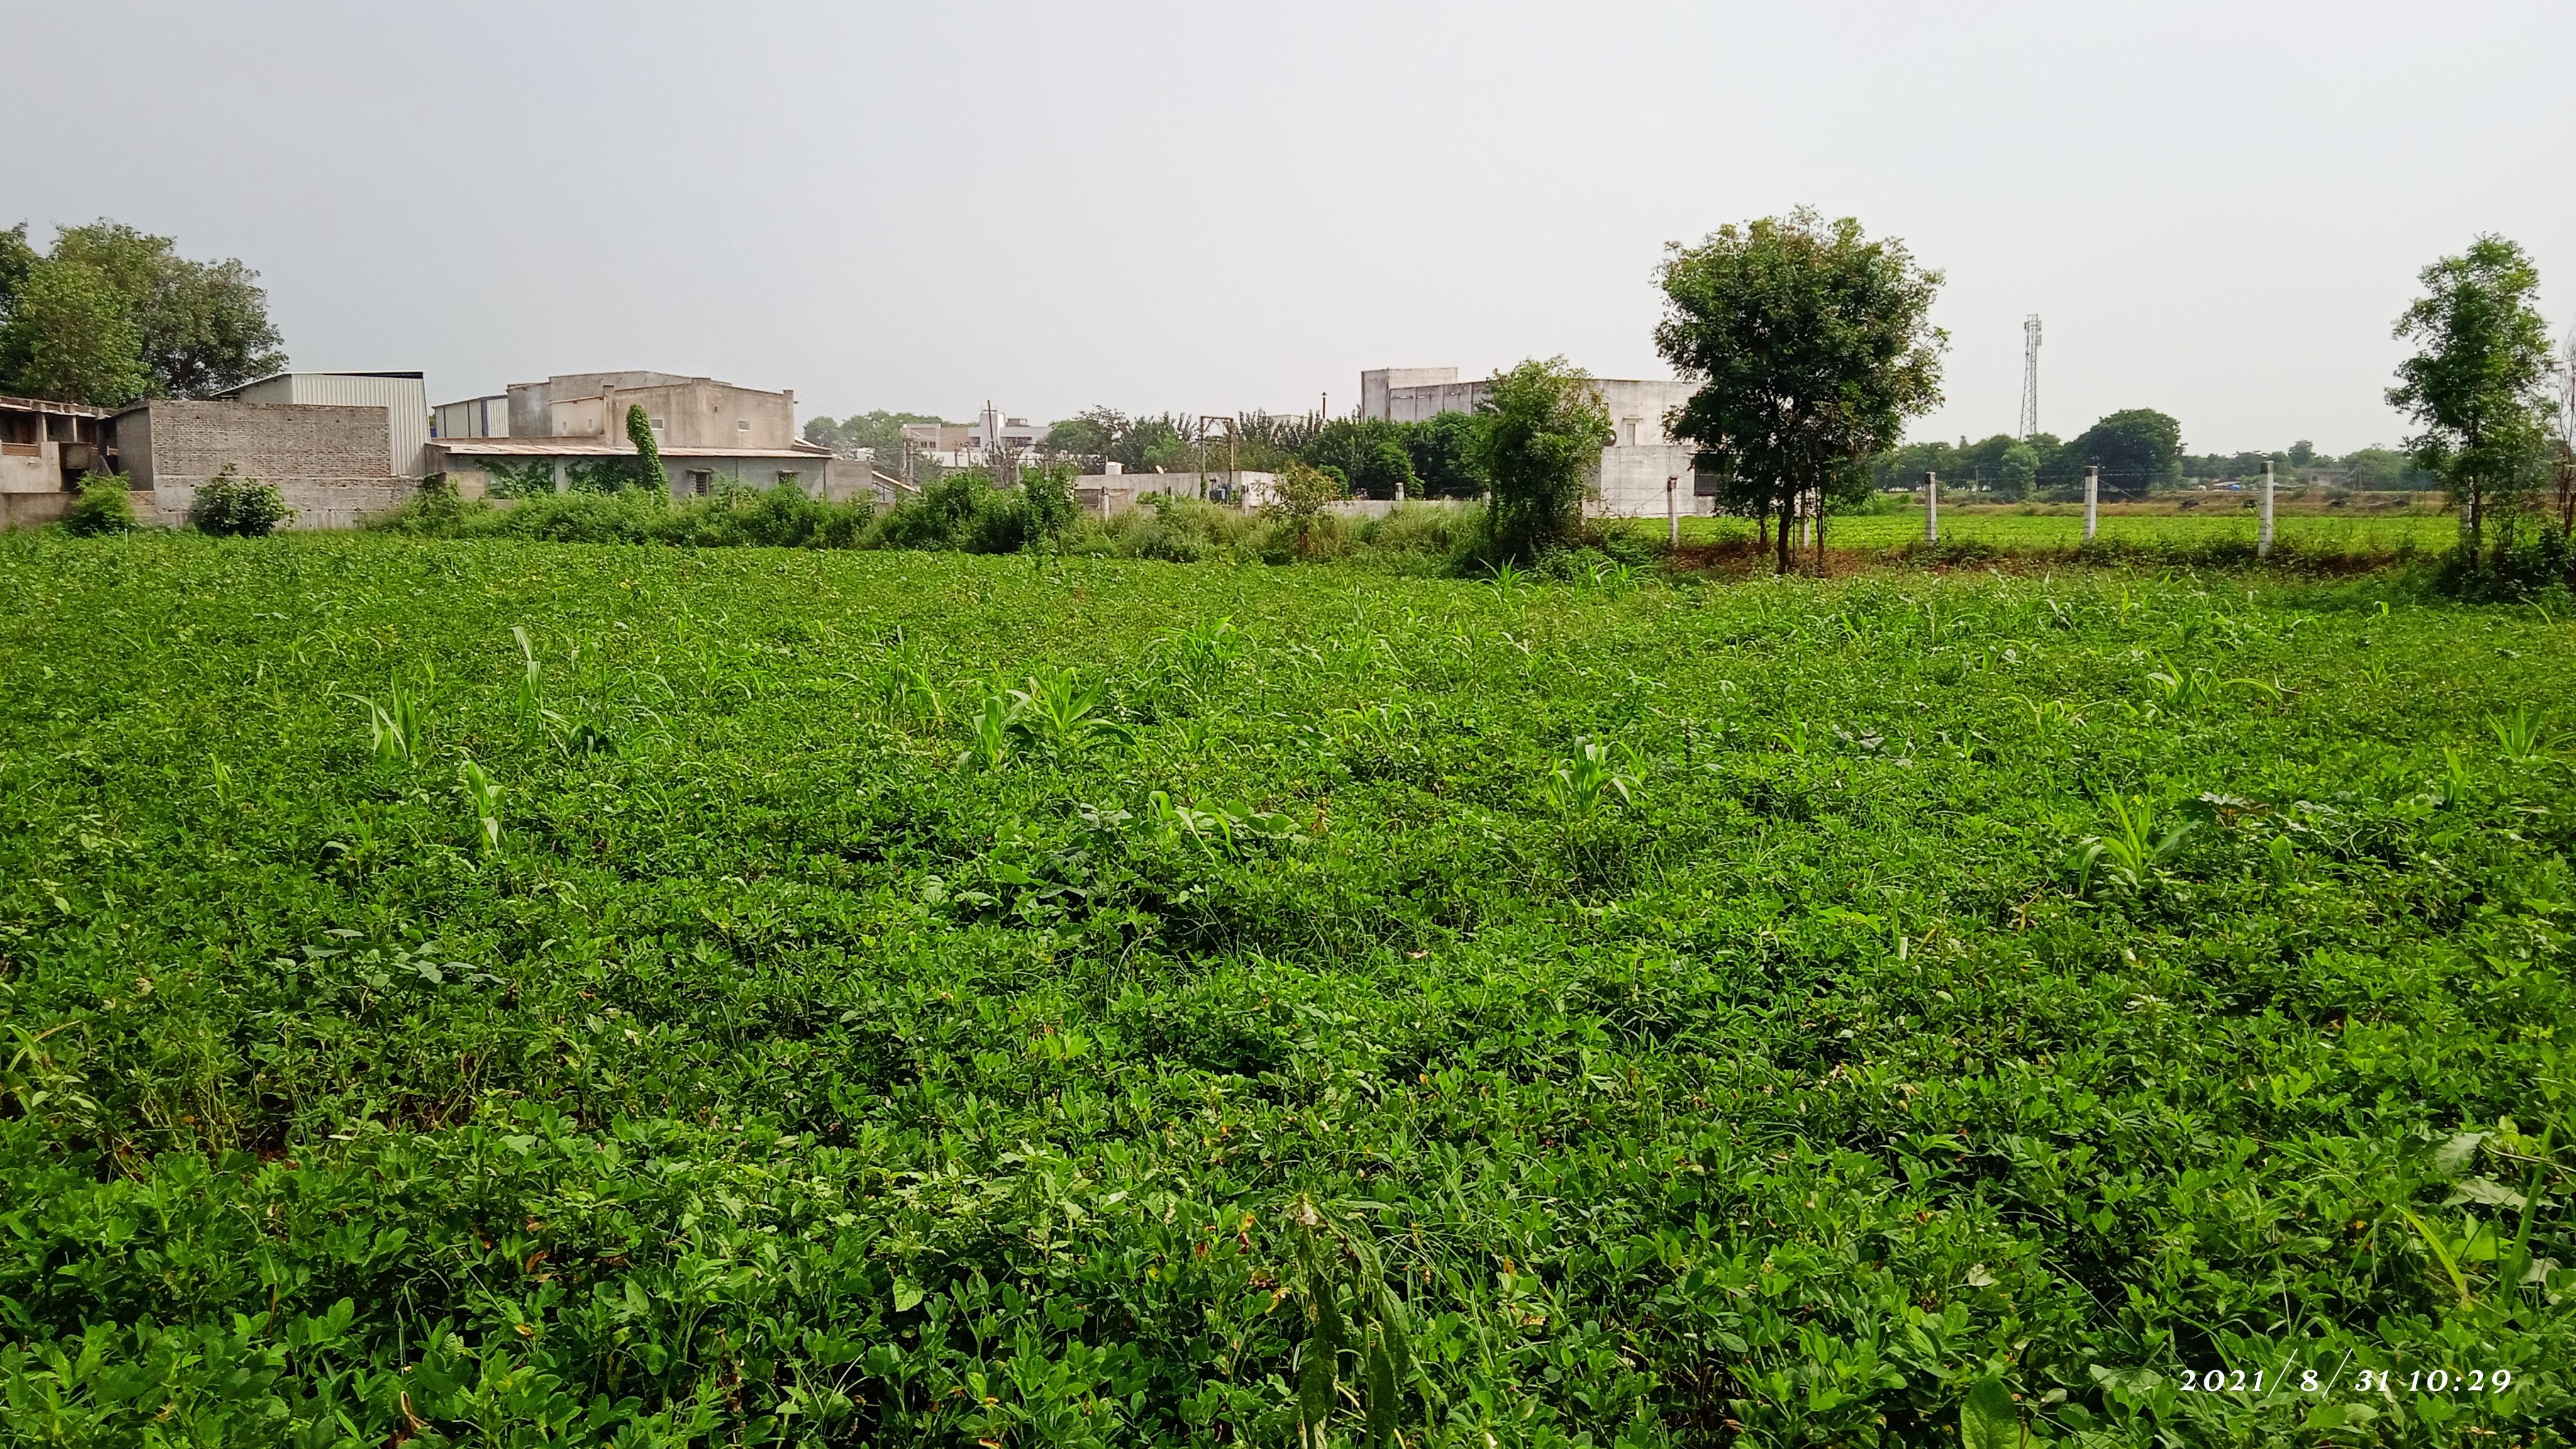 બનાસકાંઠા જિલ્લામાં લાંબા વિરામ બાદ 14 તાલુકામાં વરસાદ નોંધાયો, સૌથી વધુ પાલનપુરમાં પાલનપુર,Palanpur - Divya Bhaskar